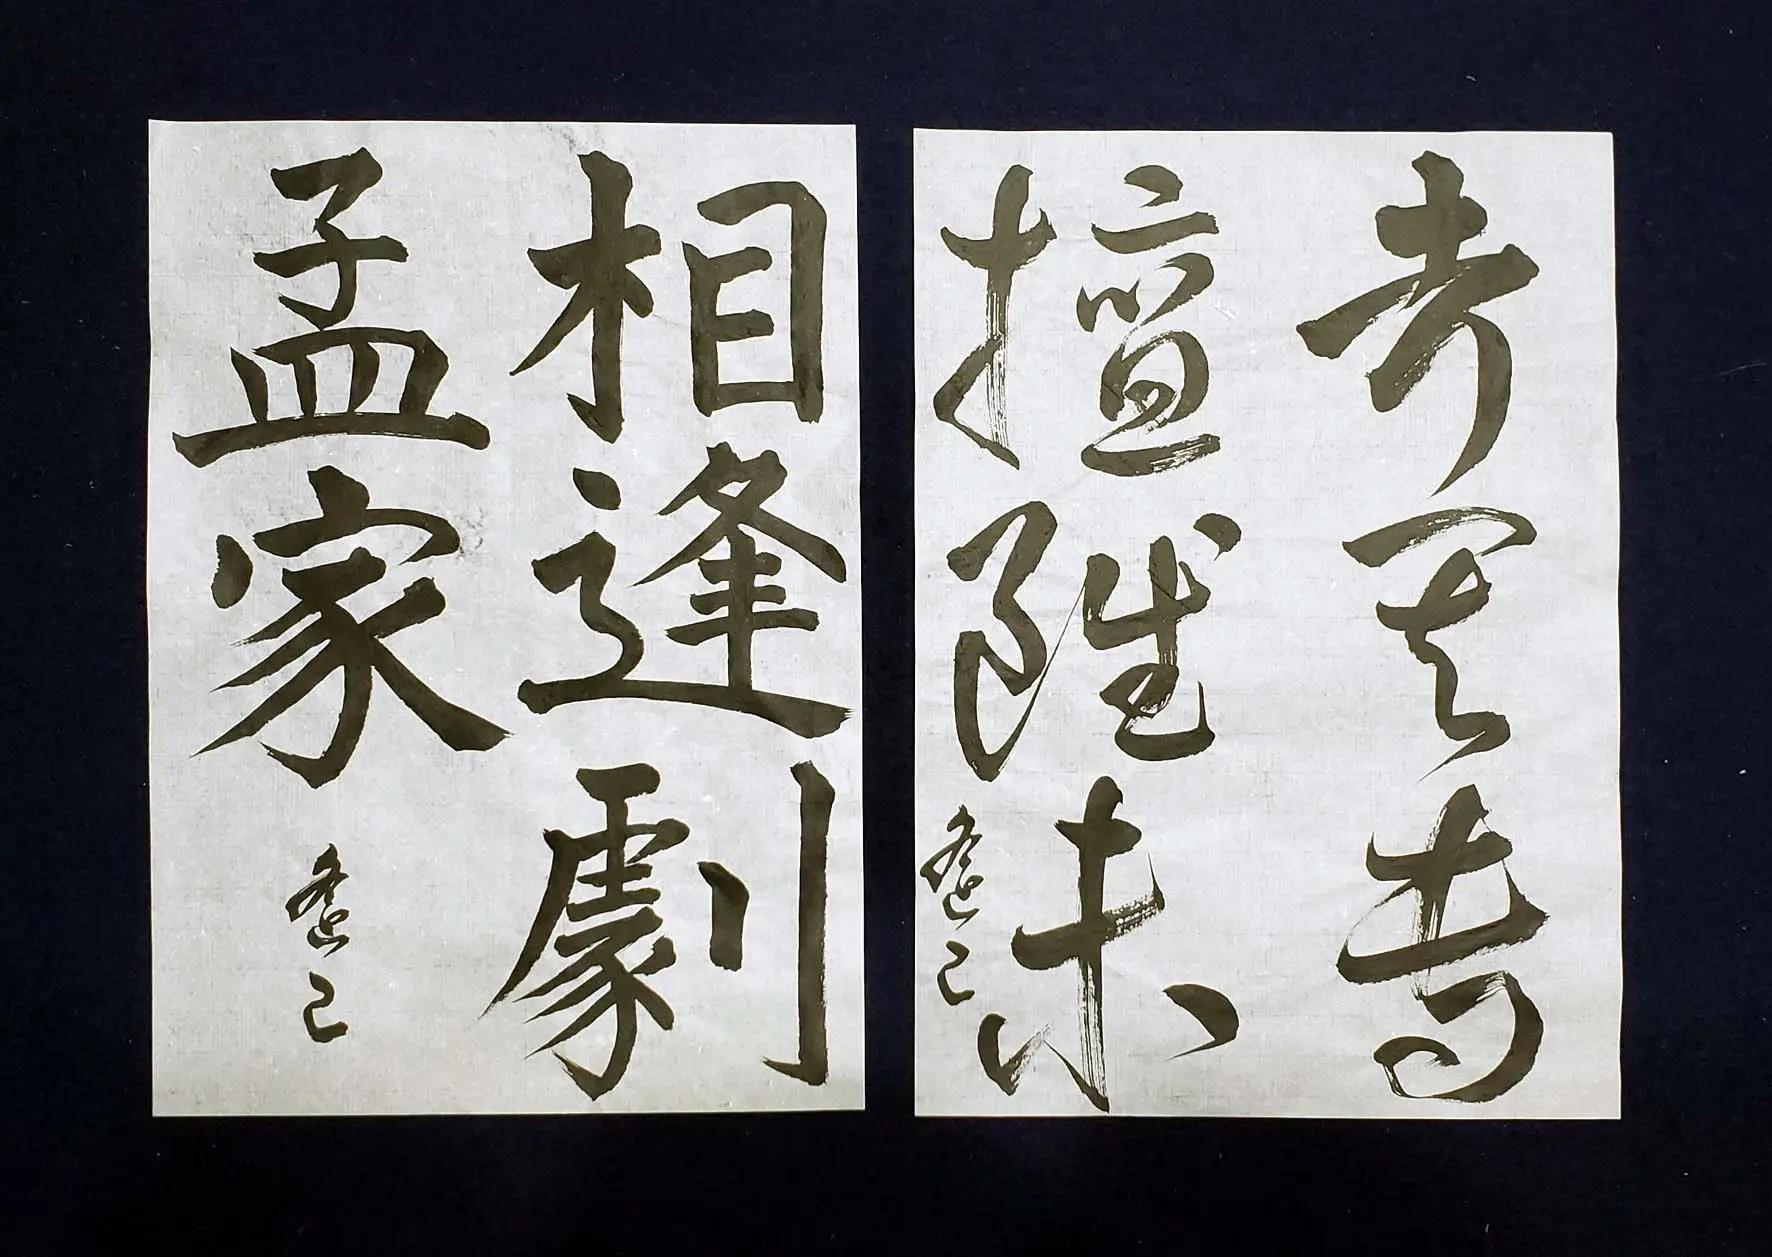 競書6月号の漢字楷書・草書の半紙課題